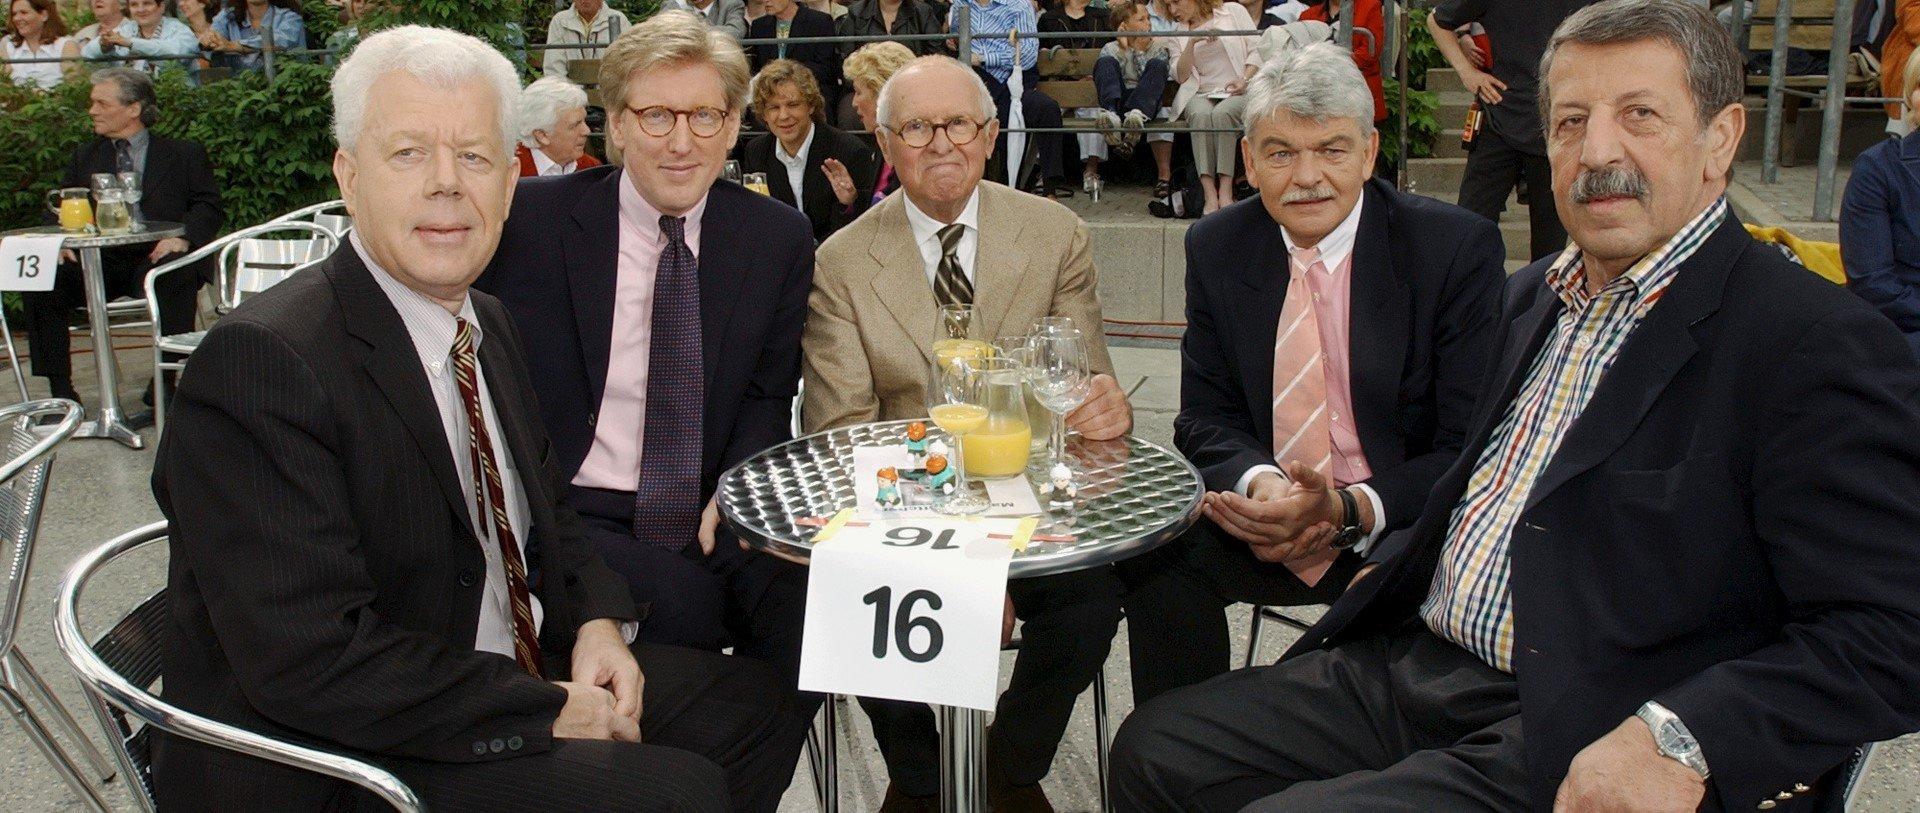 Der News-Tisch war mit Udo van Kampen, Theo Koll, Carl Weiss, Dietmar Ossenberg und Ulrich Kienzle bestens besetzt. / ZDF und Carmen Sauerbrei.